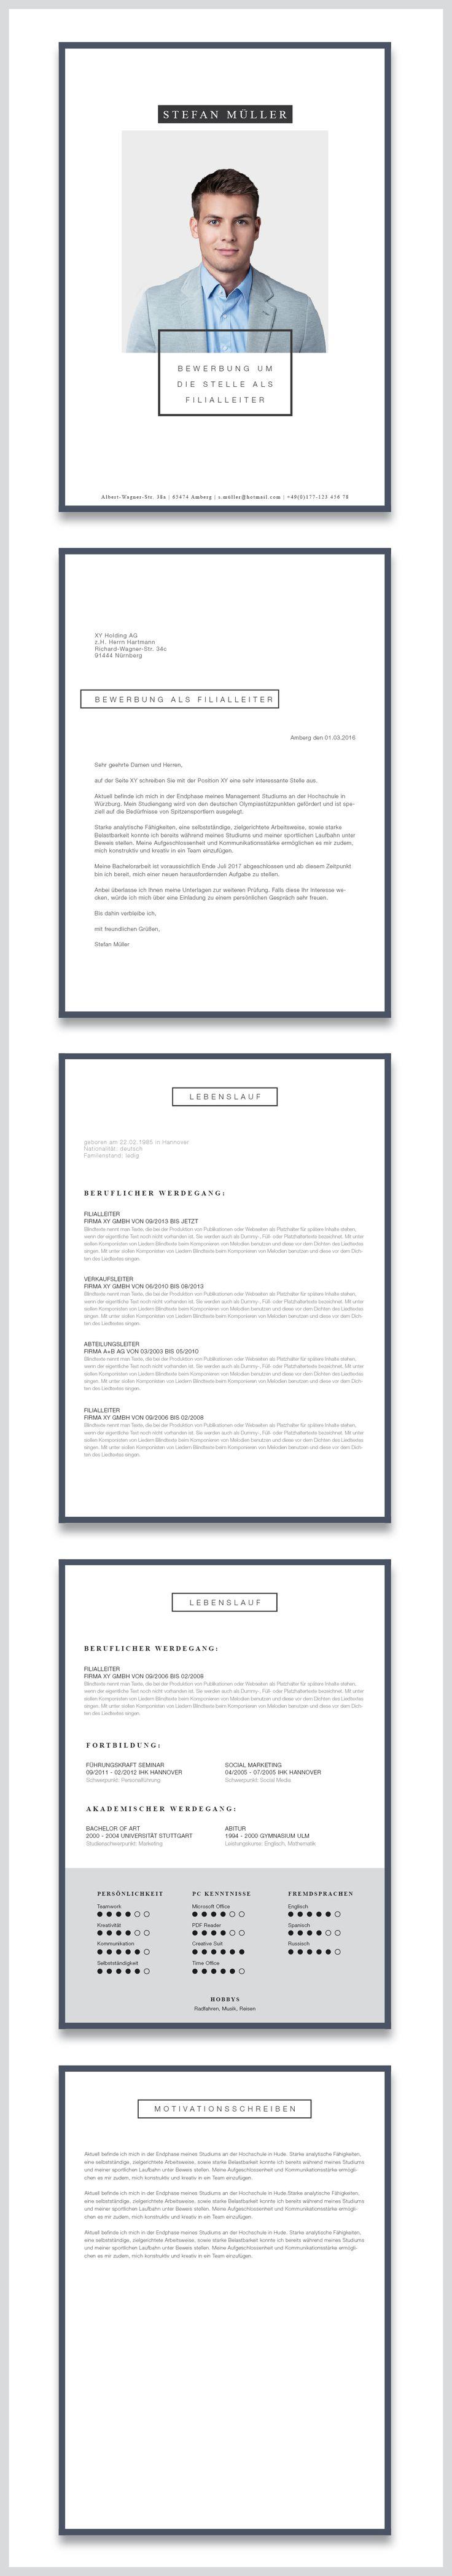 """Unsere Bewerbungsvorlage (cv template) """"Minimal Art"""" in der Farbe Deep Blue. Zeigen Sie mit dem minimalistischen Design unserer Vorlage """"Minimal Art"""", dass sie modern leben und es auch gerne zeigen. Sie erhalten von uns ein Deckblatt, Anschreiben, Lebenslauf, Motivationsschreiben. Die Datei bekommen Sie als fertige Pages- oder Word-Datei inklusive Platzhaltertext mit Hinweisen. #grafikdesign"""